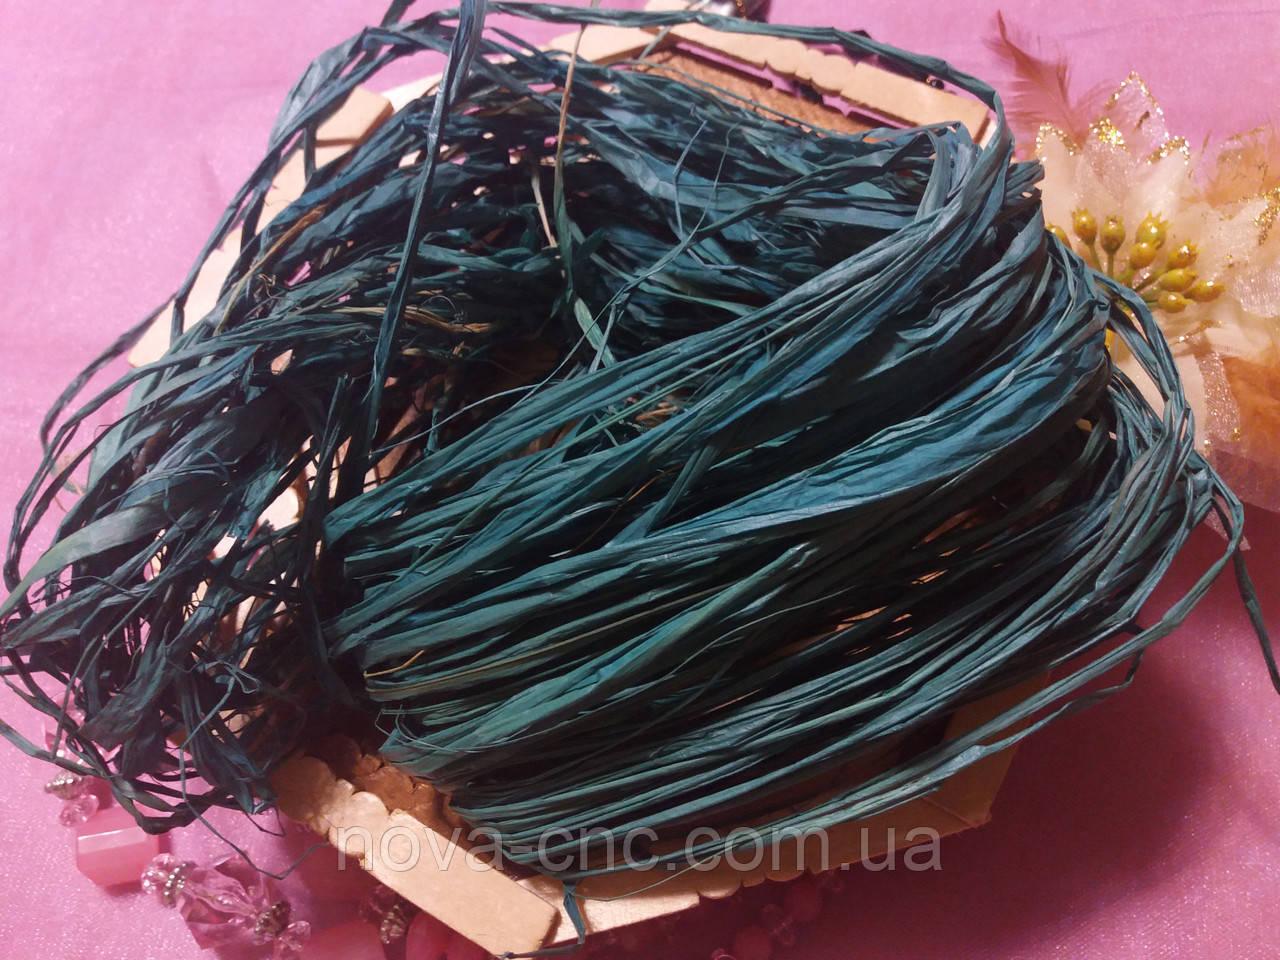 Рафия флористическая, наполнитель зелено-голубой